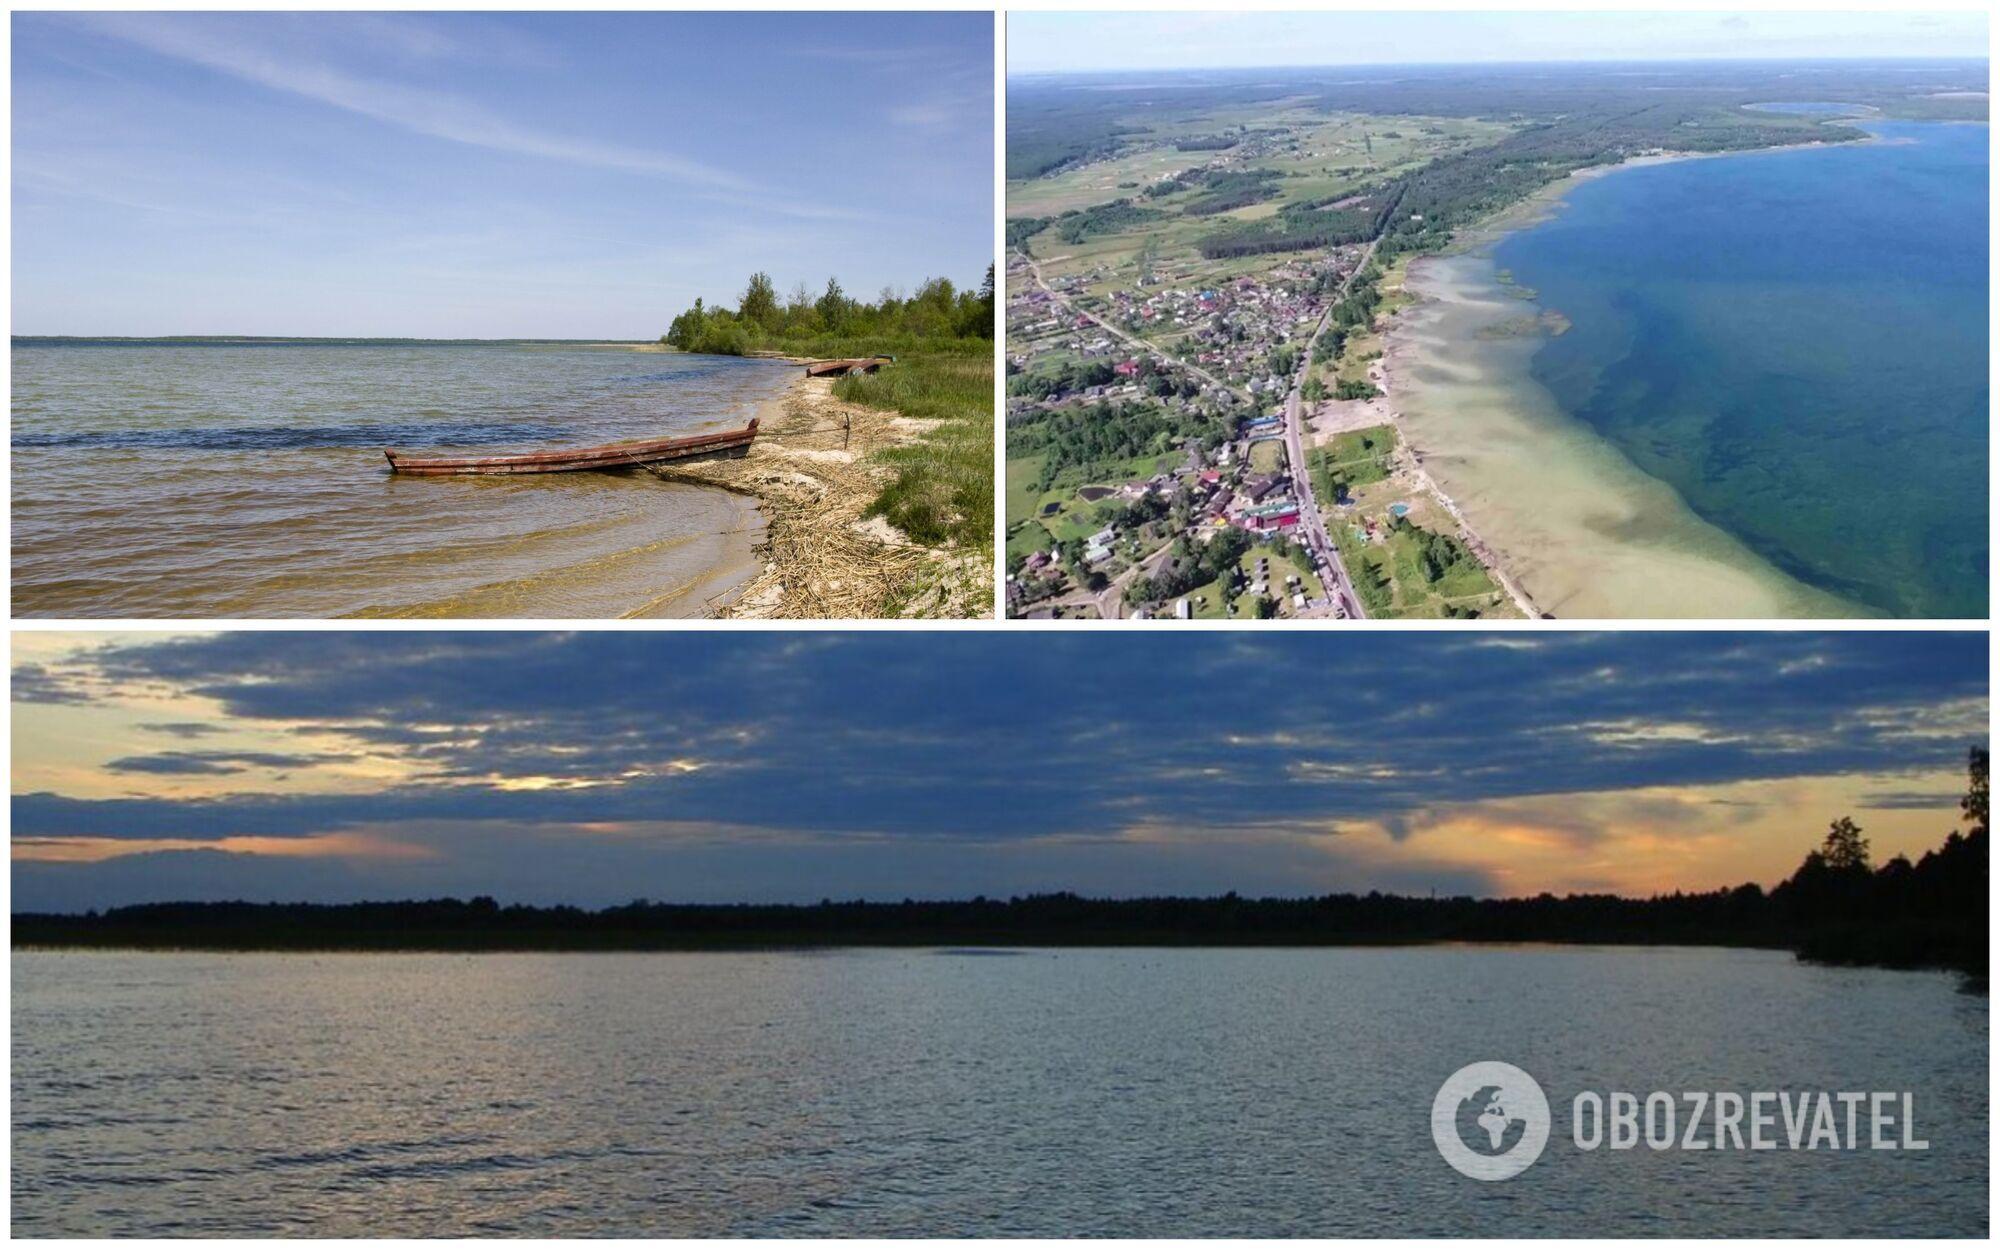 Світязь є найглибшим озером карстового походження в Україні